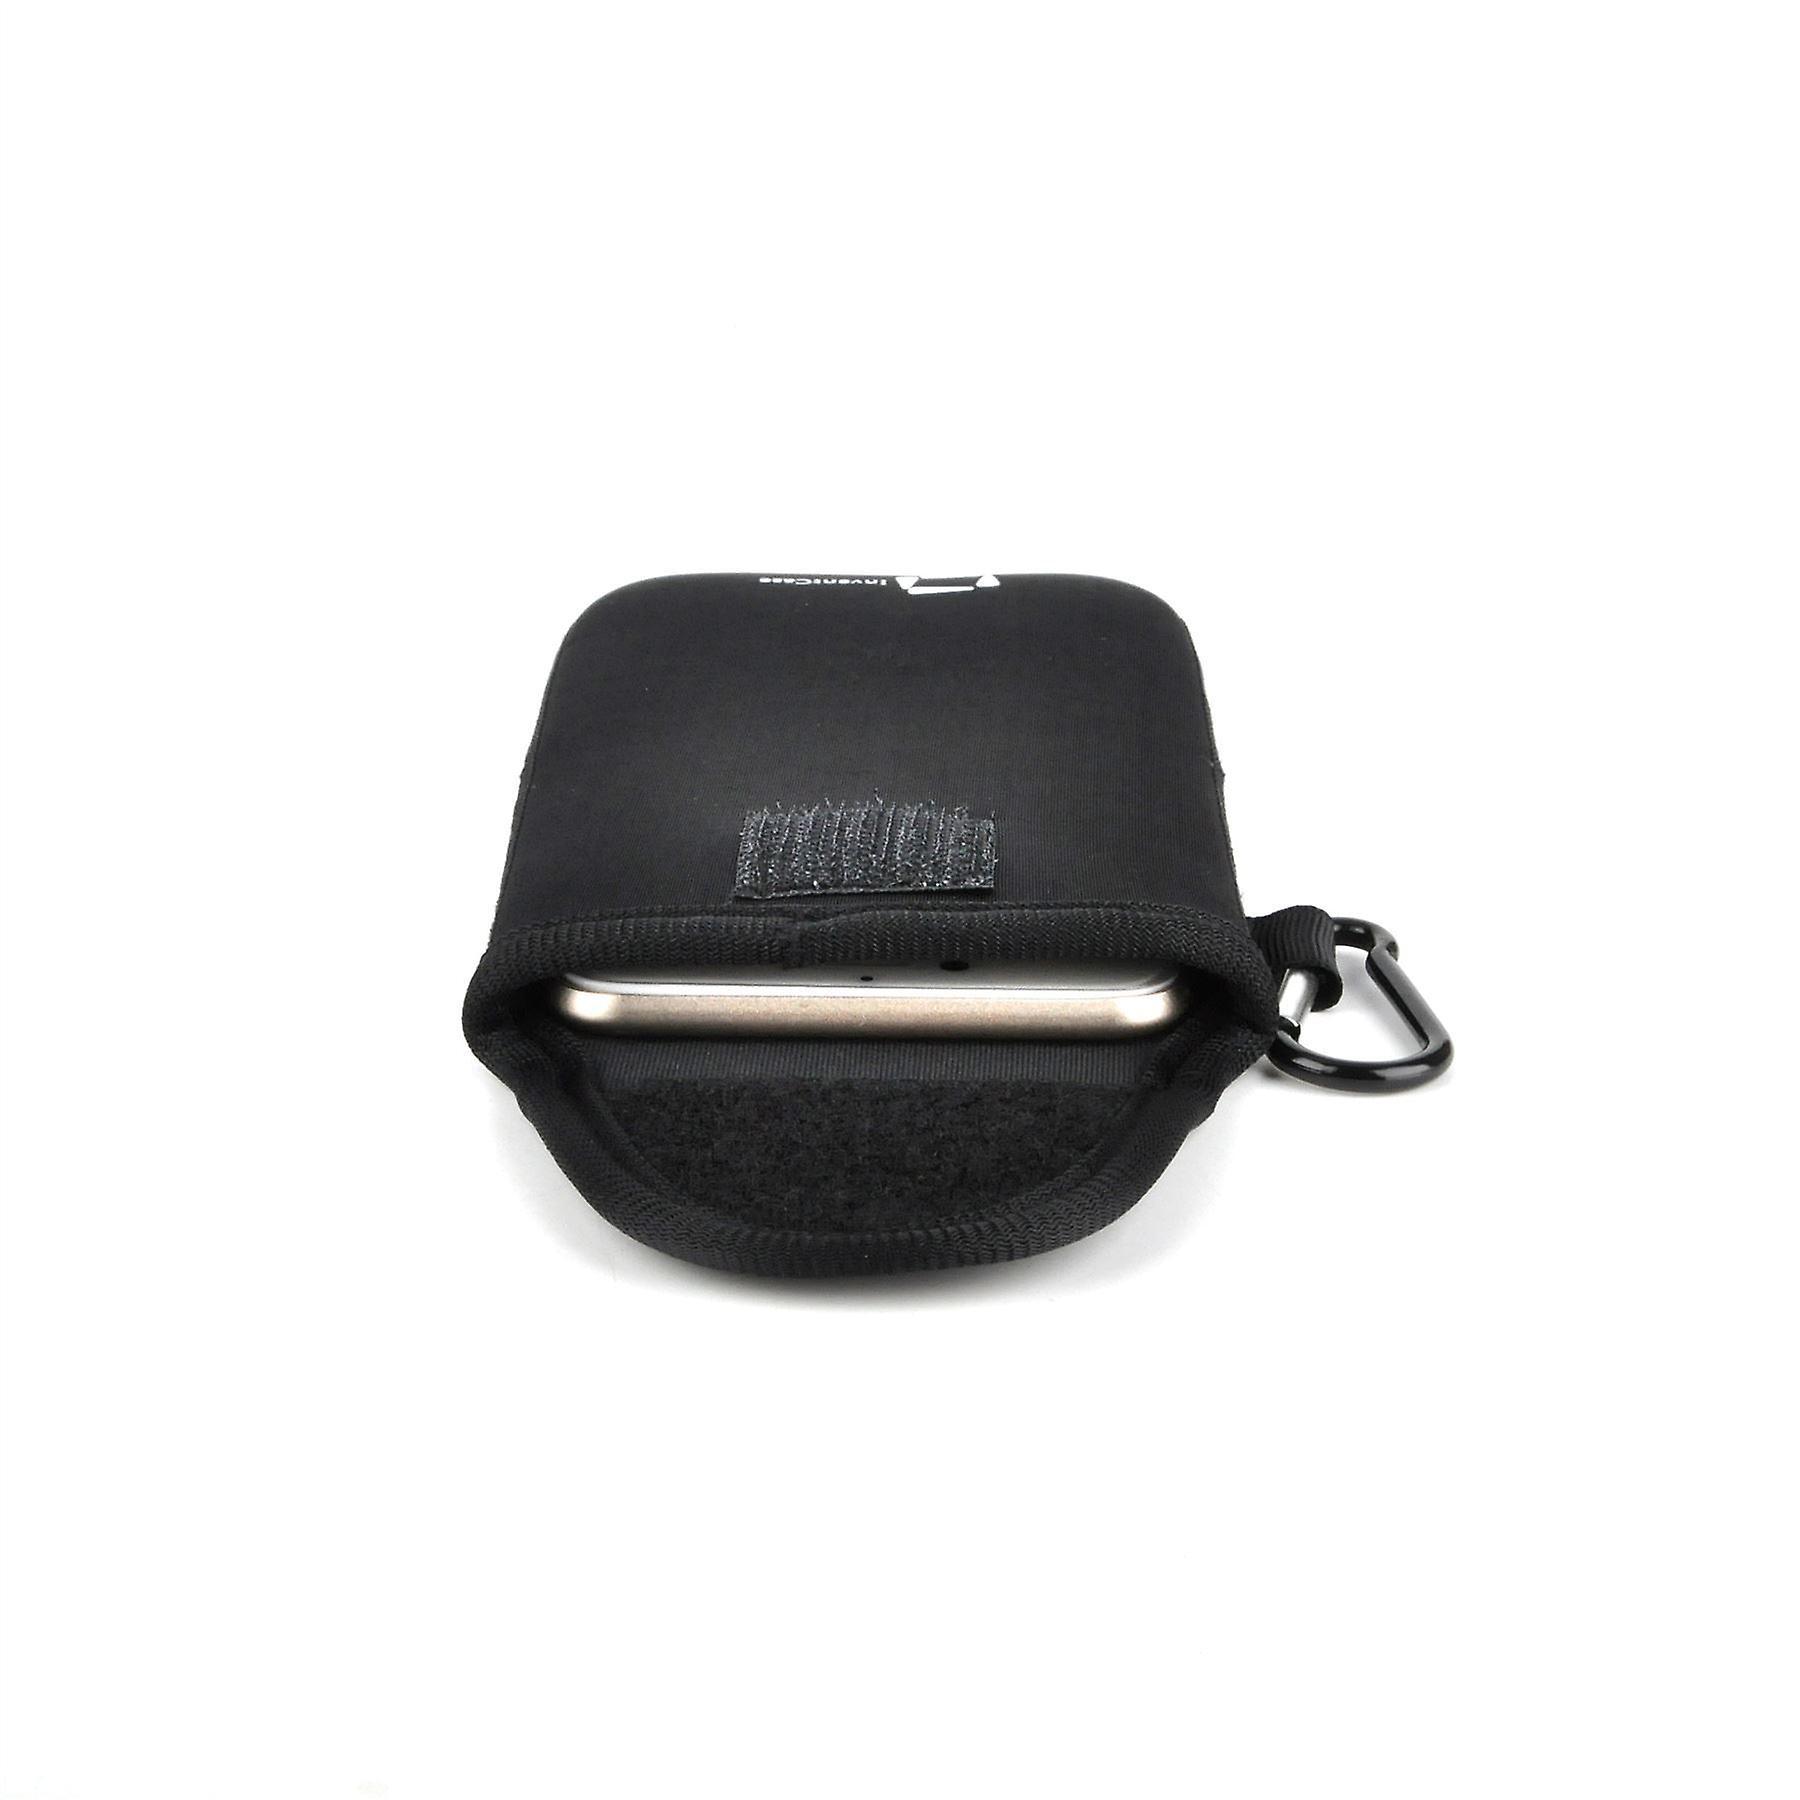 النيوبرين إينفينتكاسي الحقيبة واقية مقاومة لتأثير حالة الغطاء حقيبة مع الإغلاق Velcro و Carabiner الألومنيوم لهتك واحد E9 +-أسود